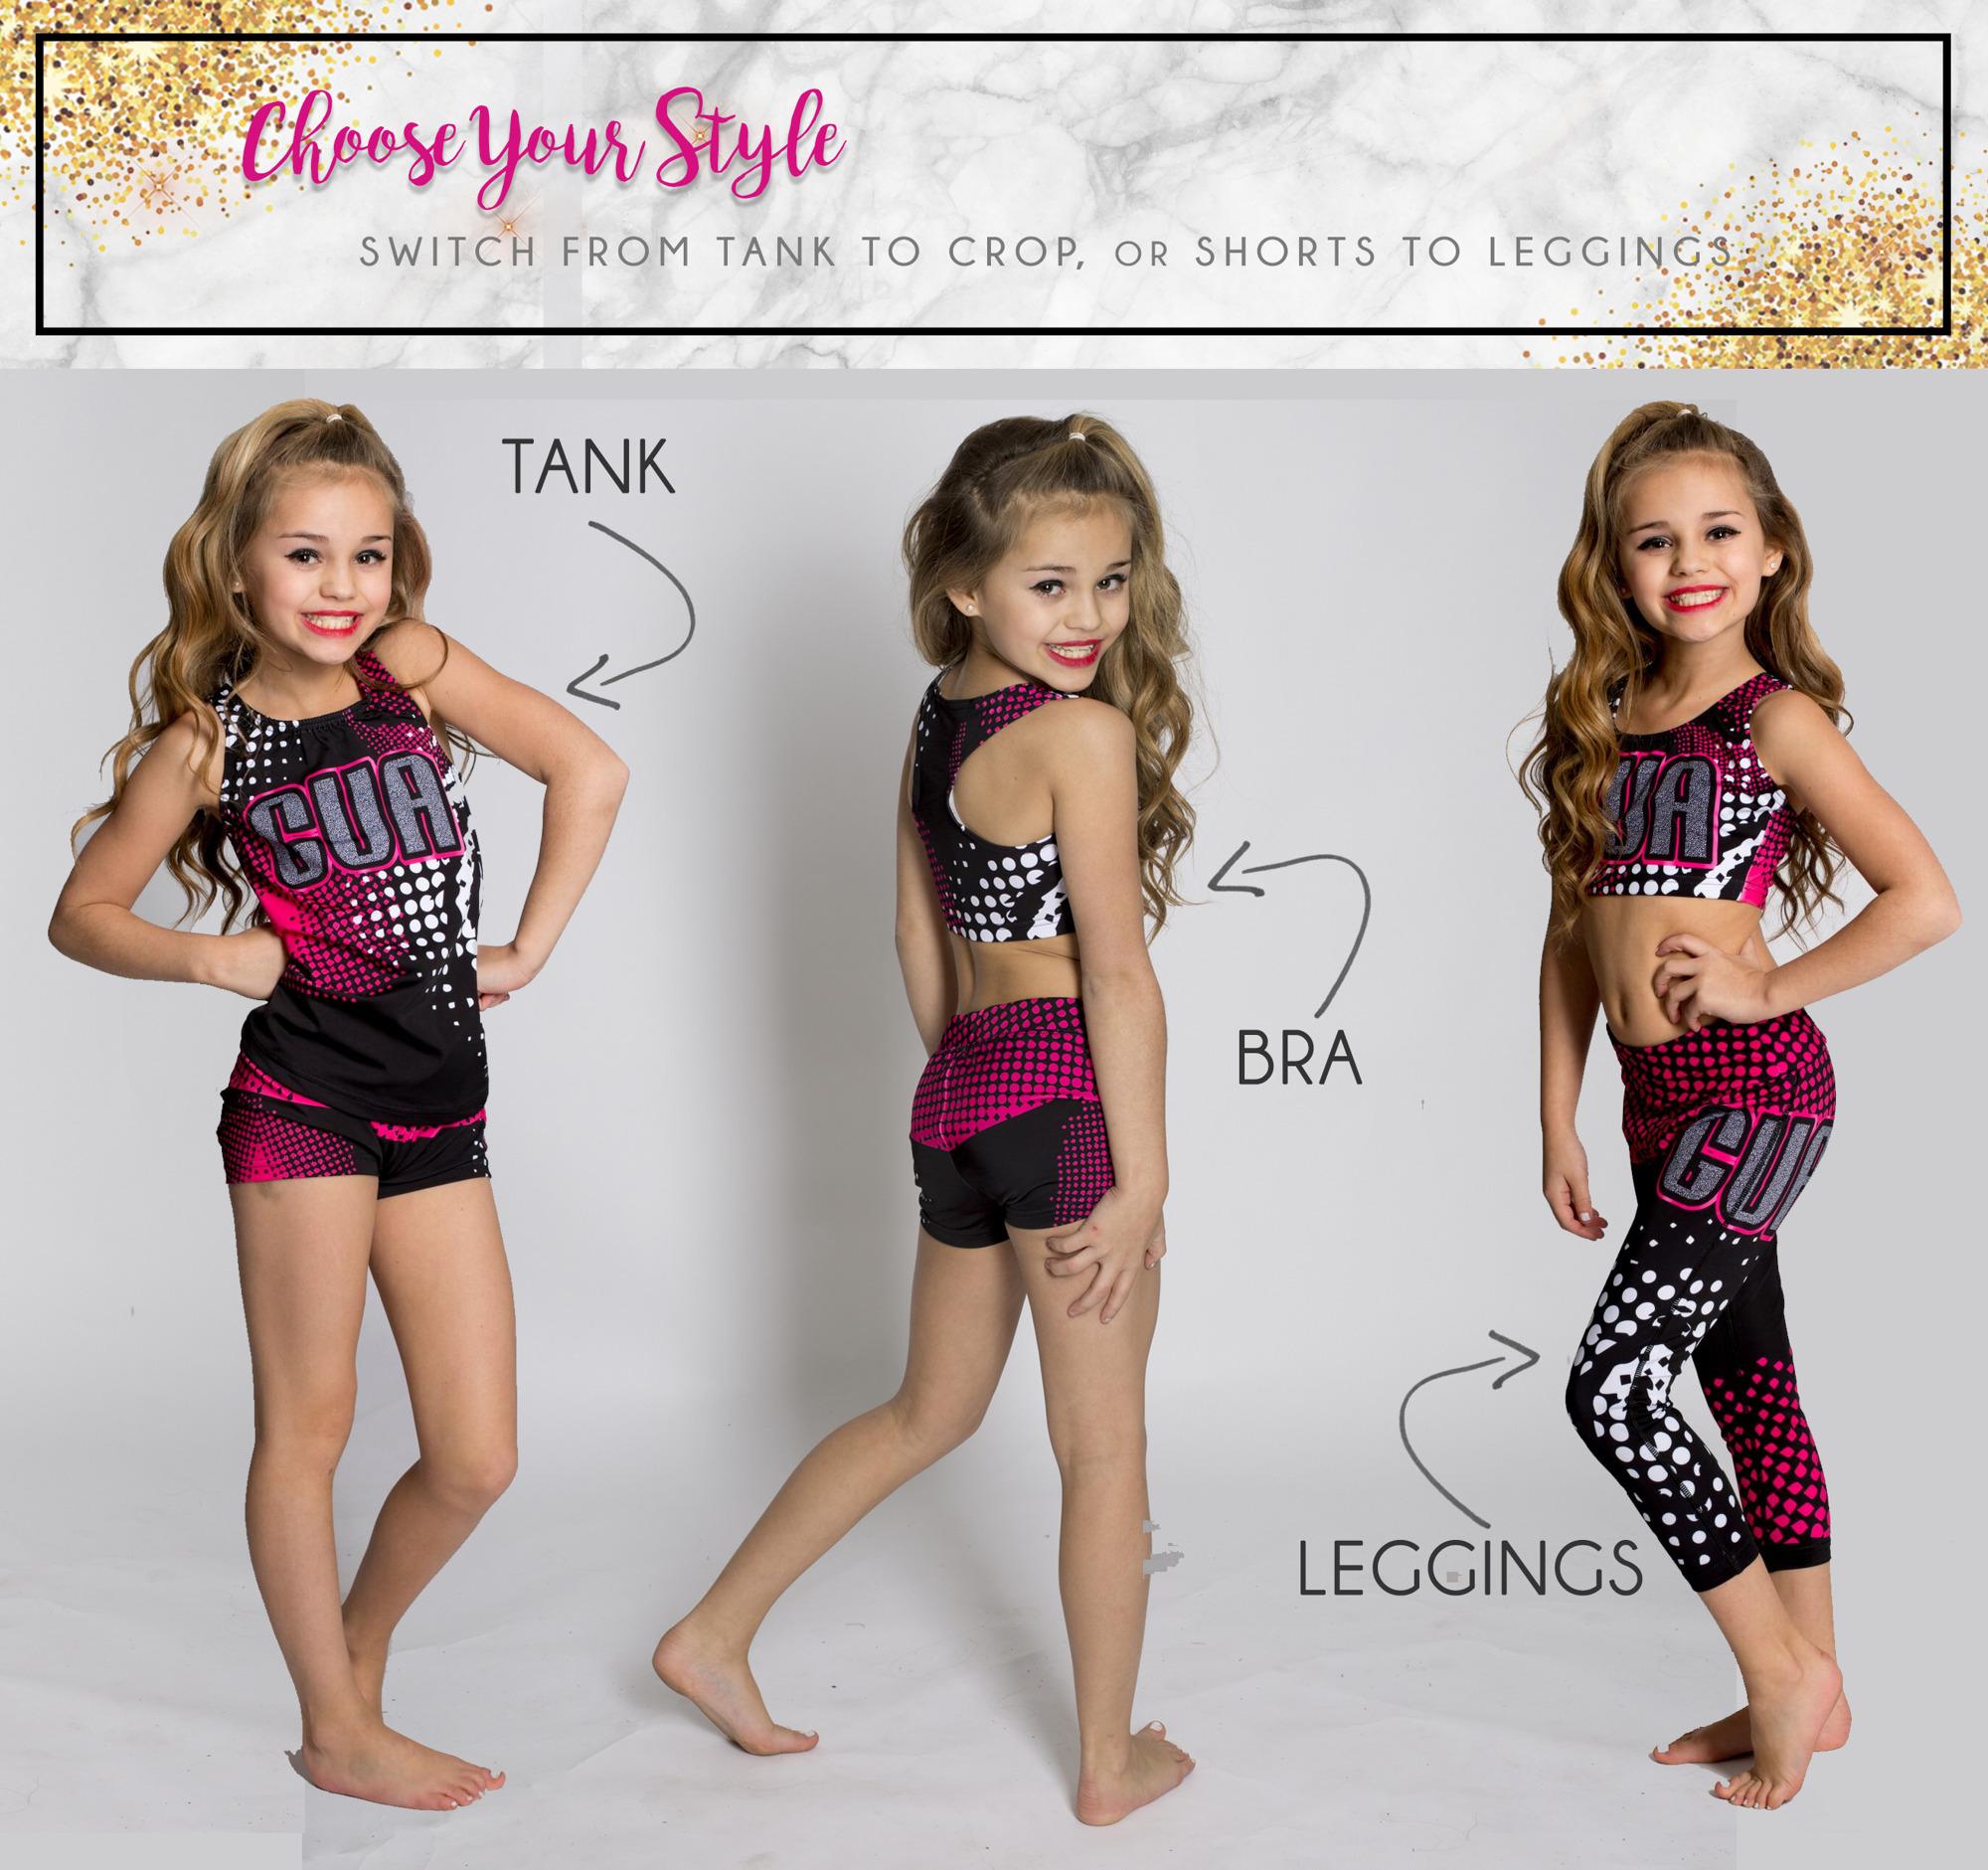 glitterstarz dye sub practicewear tank sports bra leggings pink shimmer cheerleading